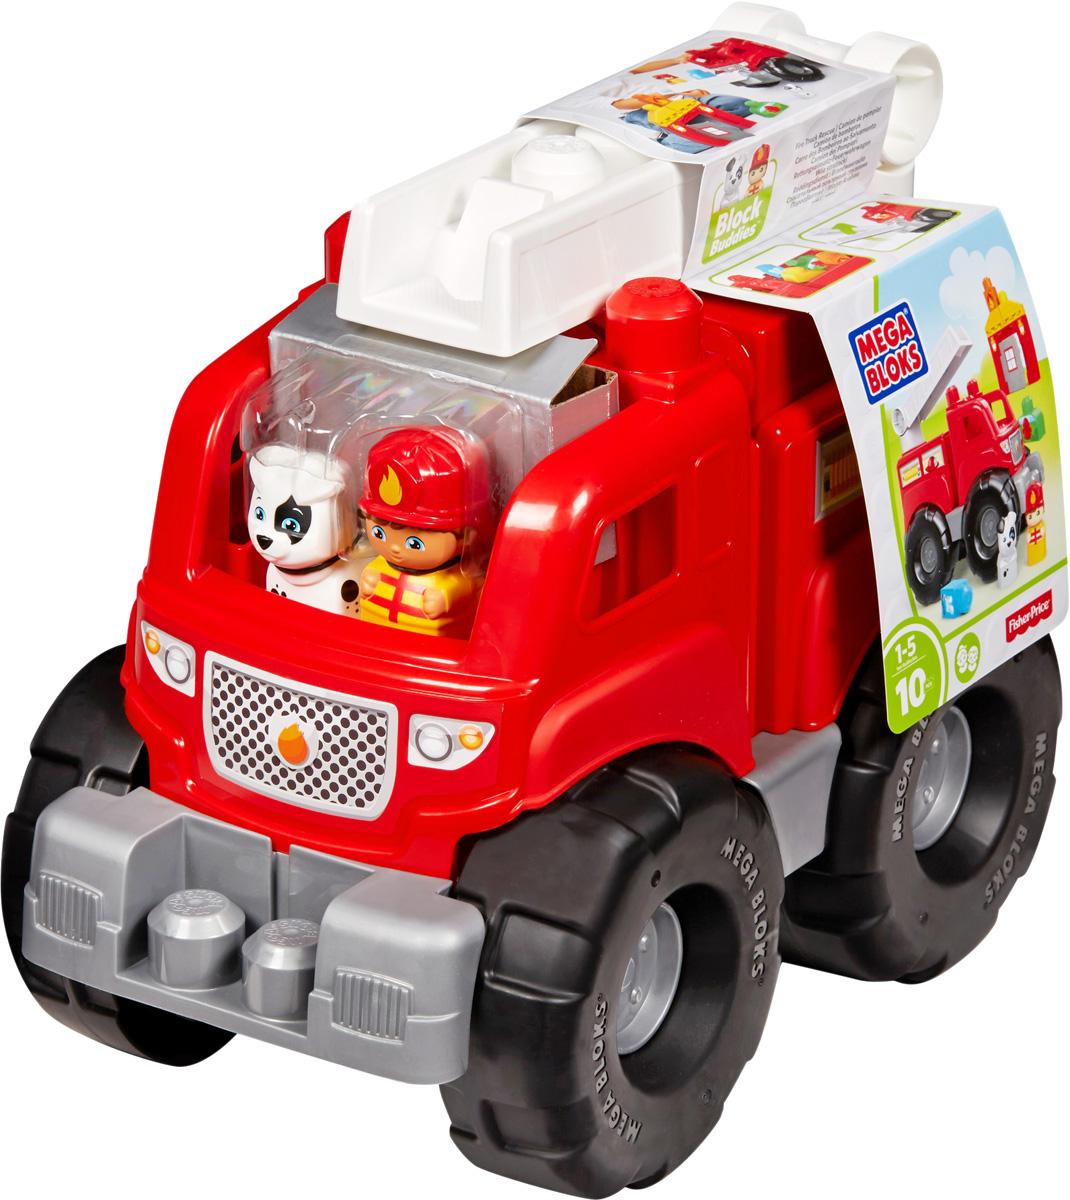 Mega Bloks Mega IPS Storytelling Конструктор Пожарная машина ворота безопасности для детей на лестницу в леруа мерлен